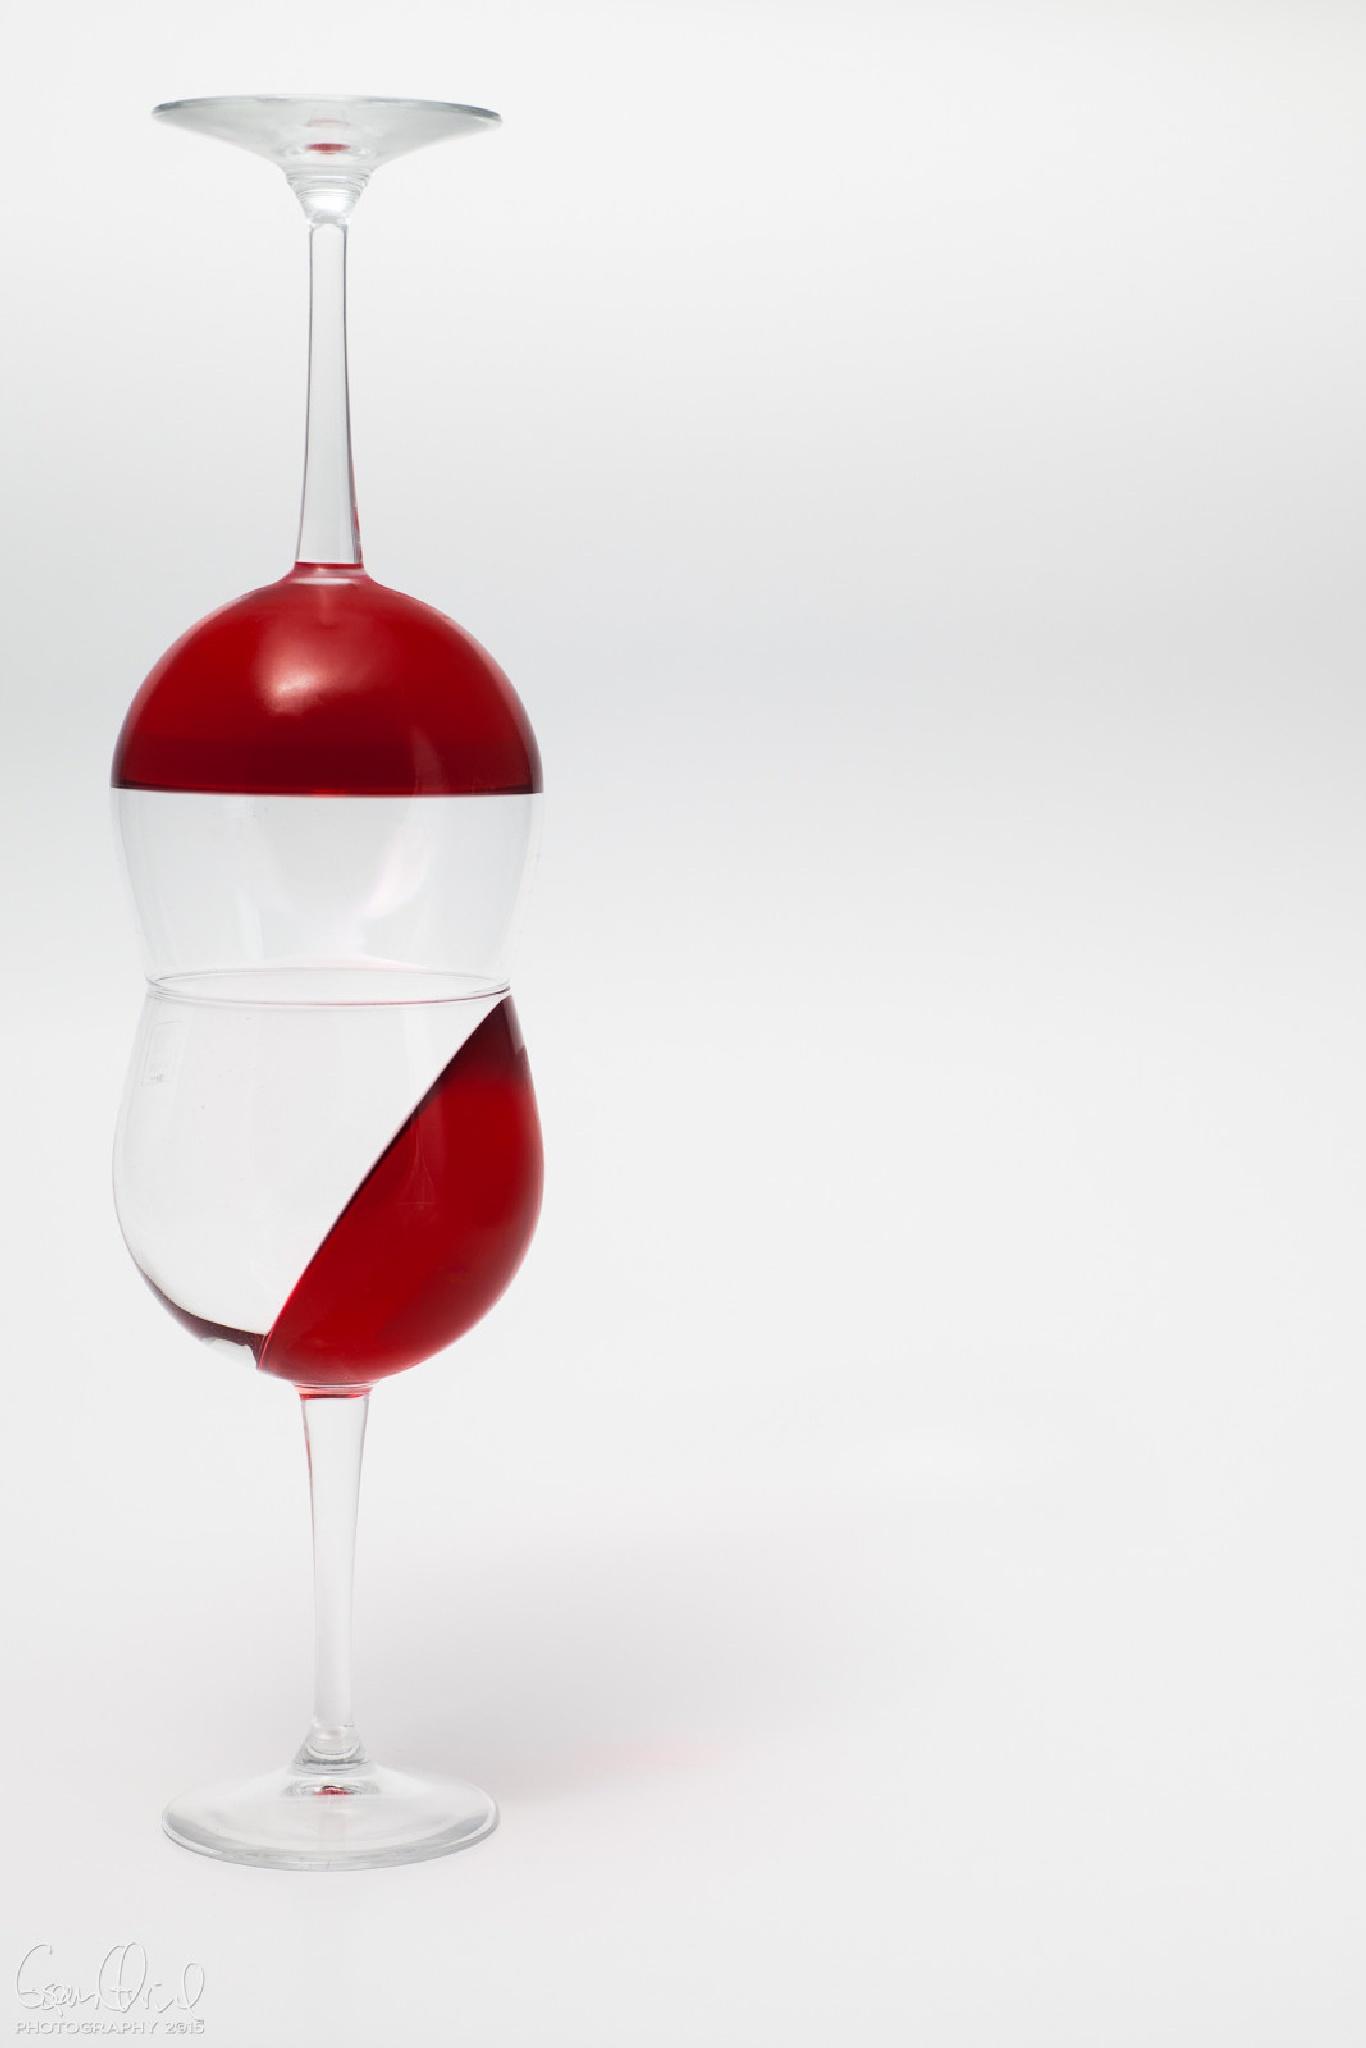 Upside wine by Espen Ørud